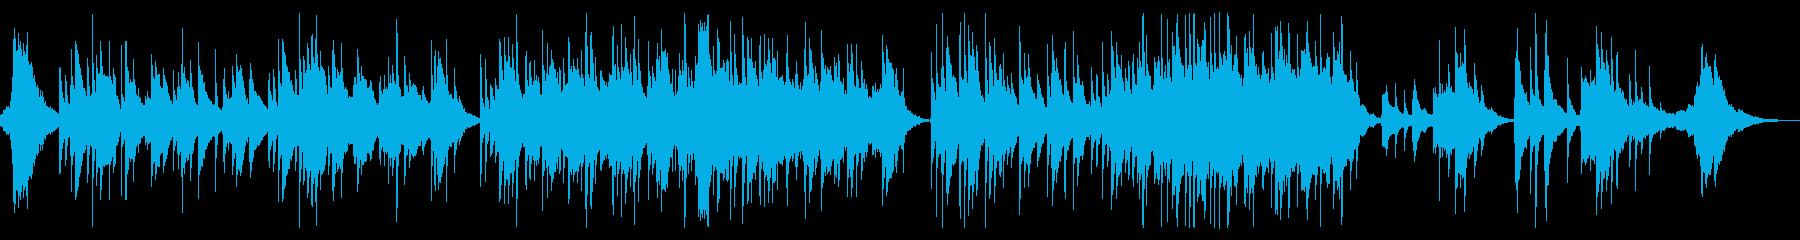 生演奏《 クラシカルで美しいハープの曲》の再生済みの波形